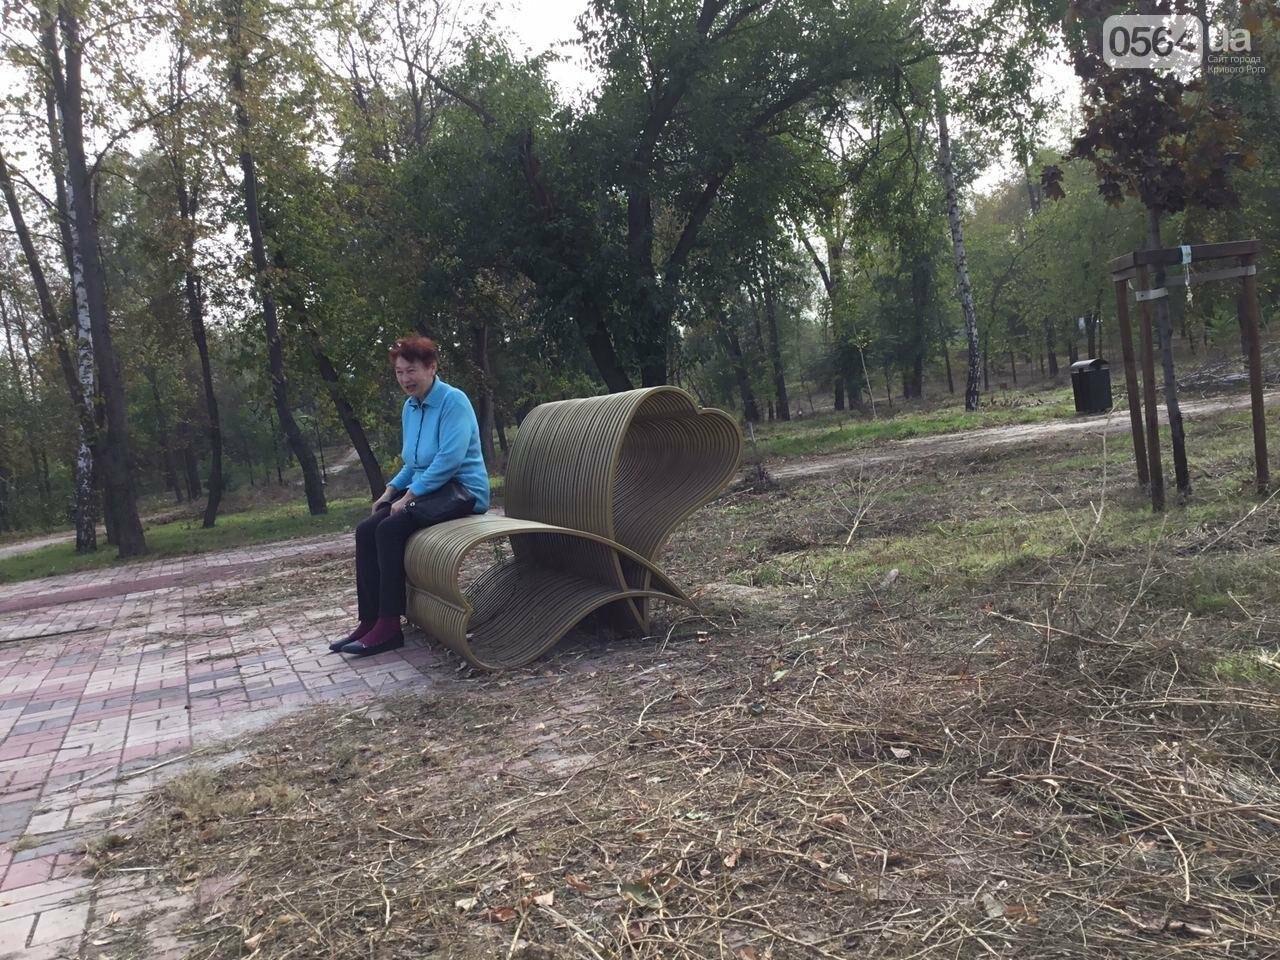 В Гданцевском парке наводят порядок. Как выглядит парк после покоса амброзии, - ФОТО, ВИДЕО, фото-27